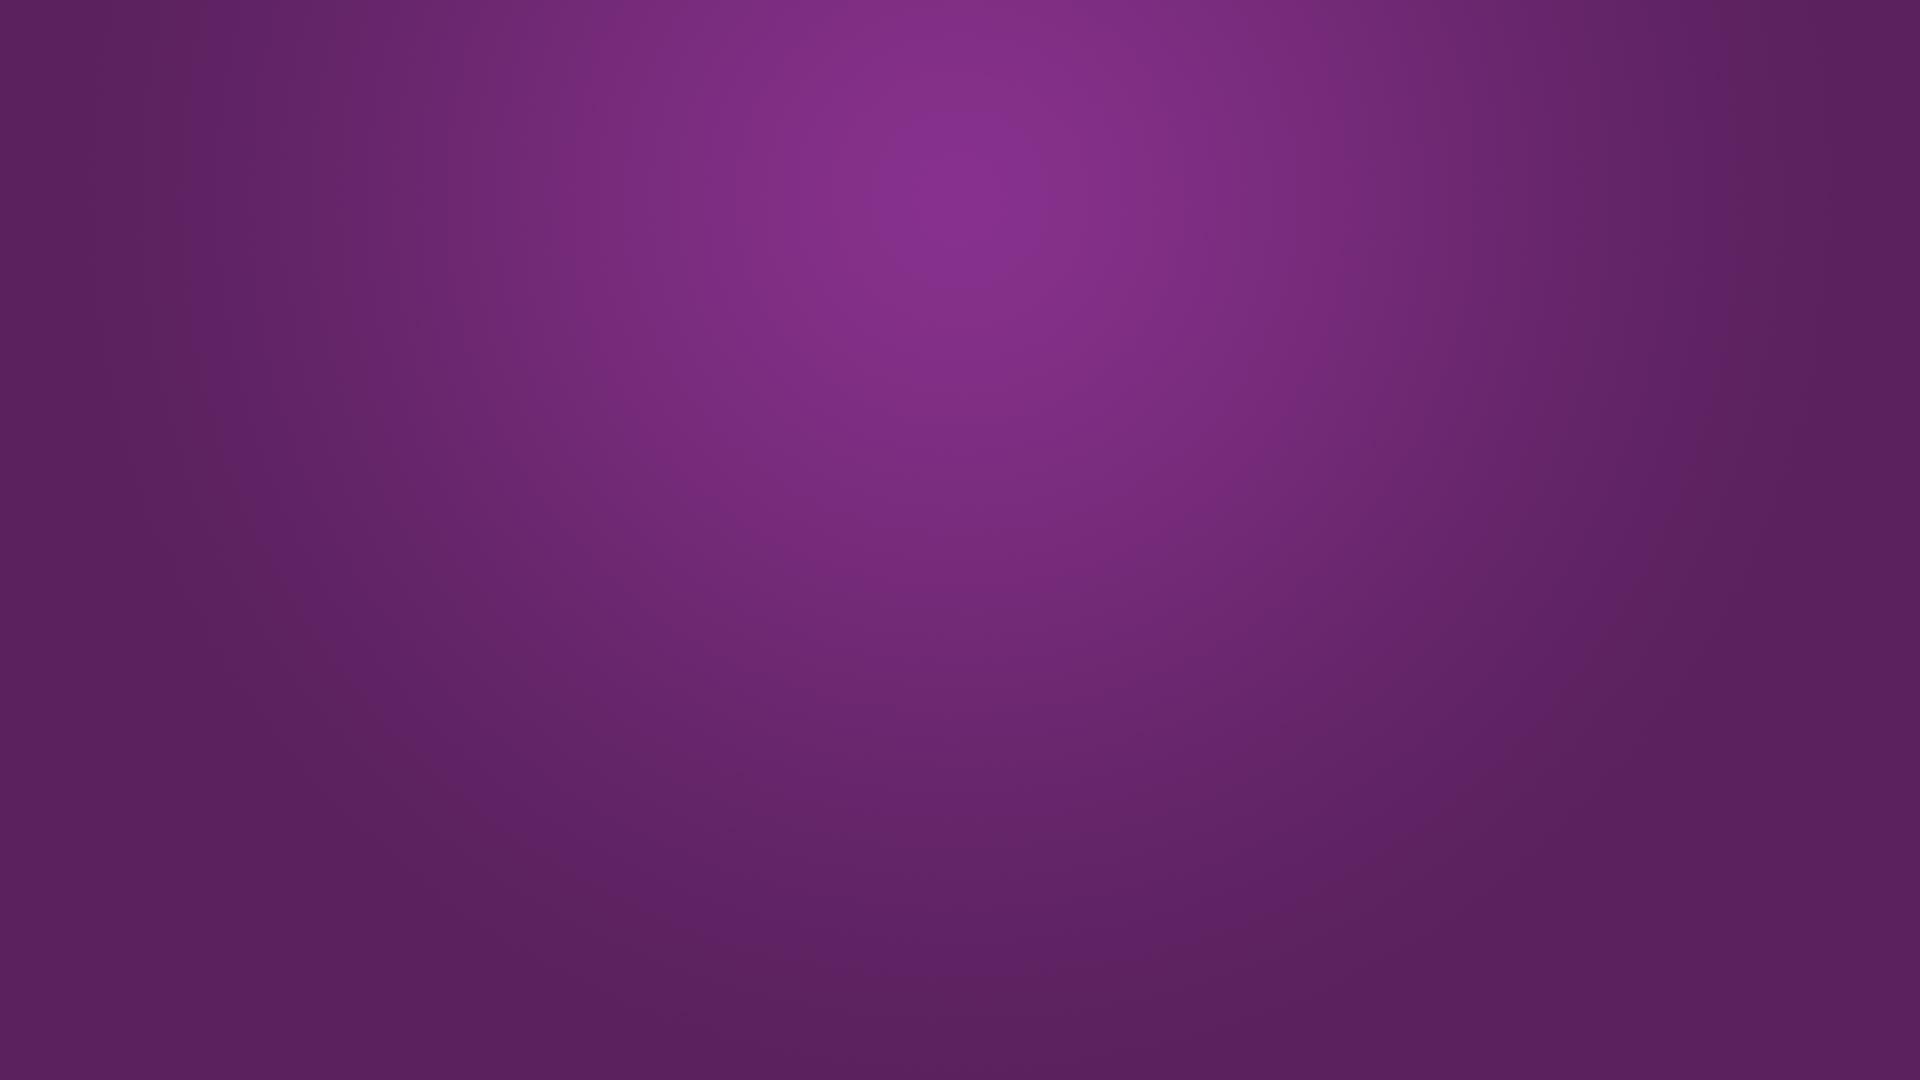 Background Purplejpg 1920x1080